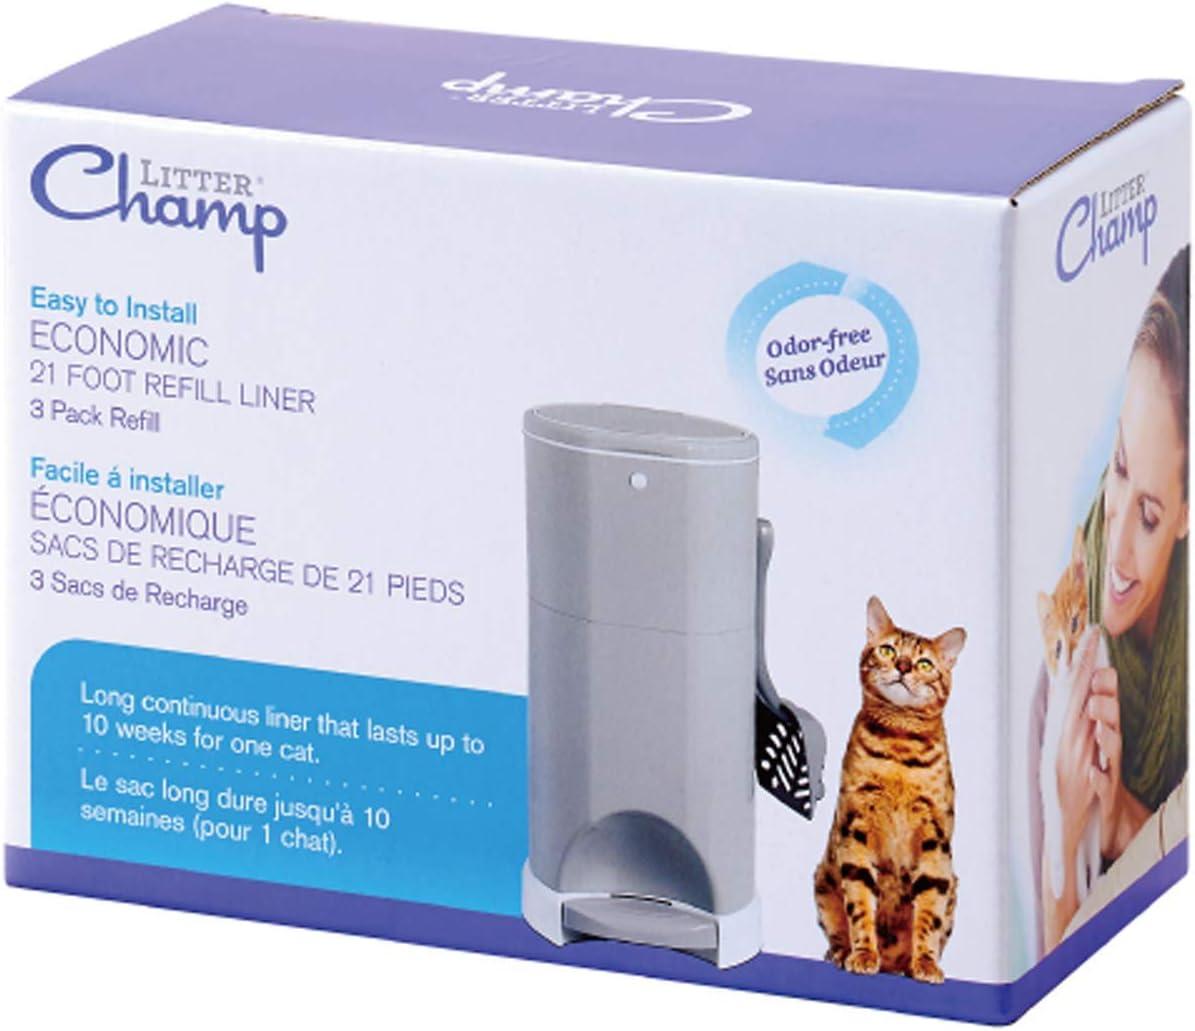 Litter Champ 3-Pack Refill, Green : Litter Box Liners : Pet Supplies